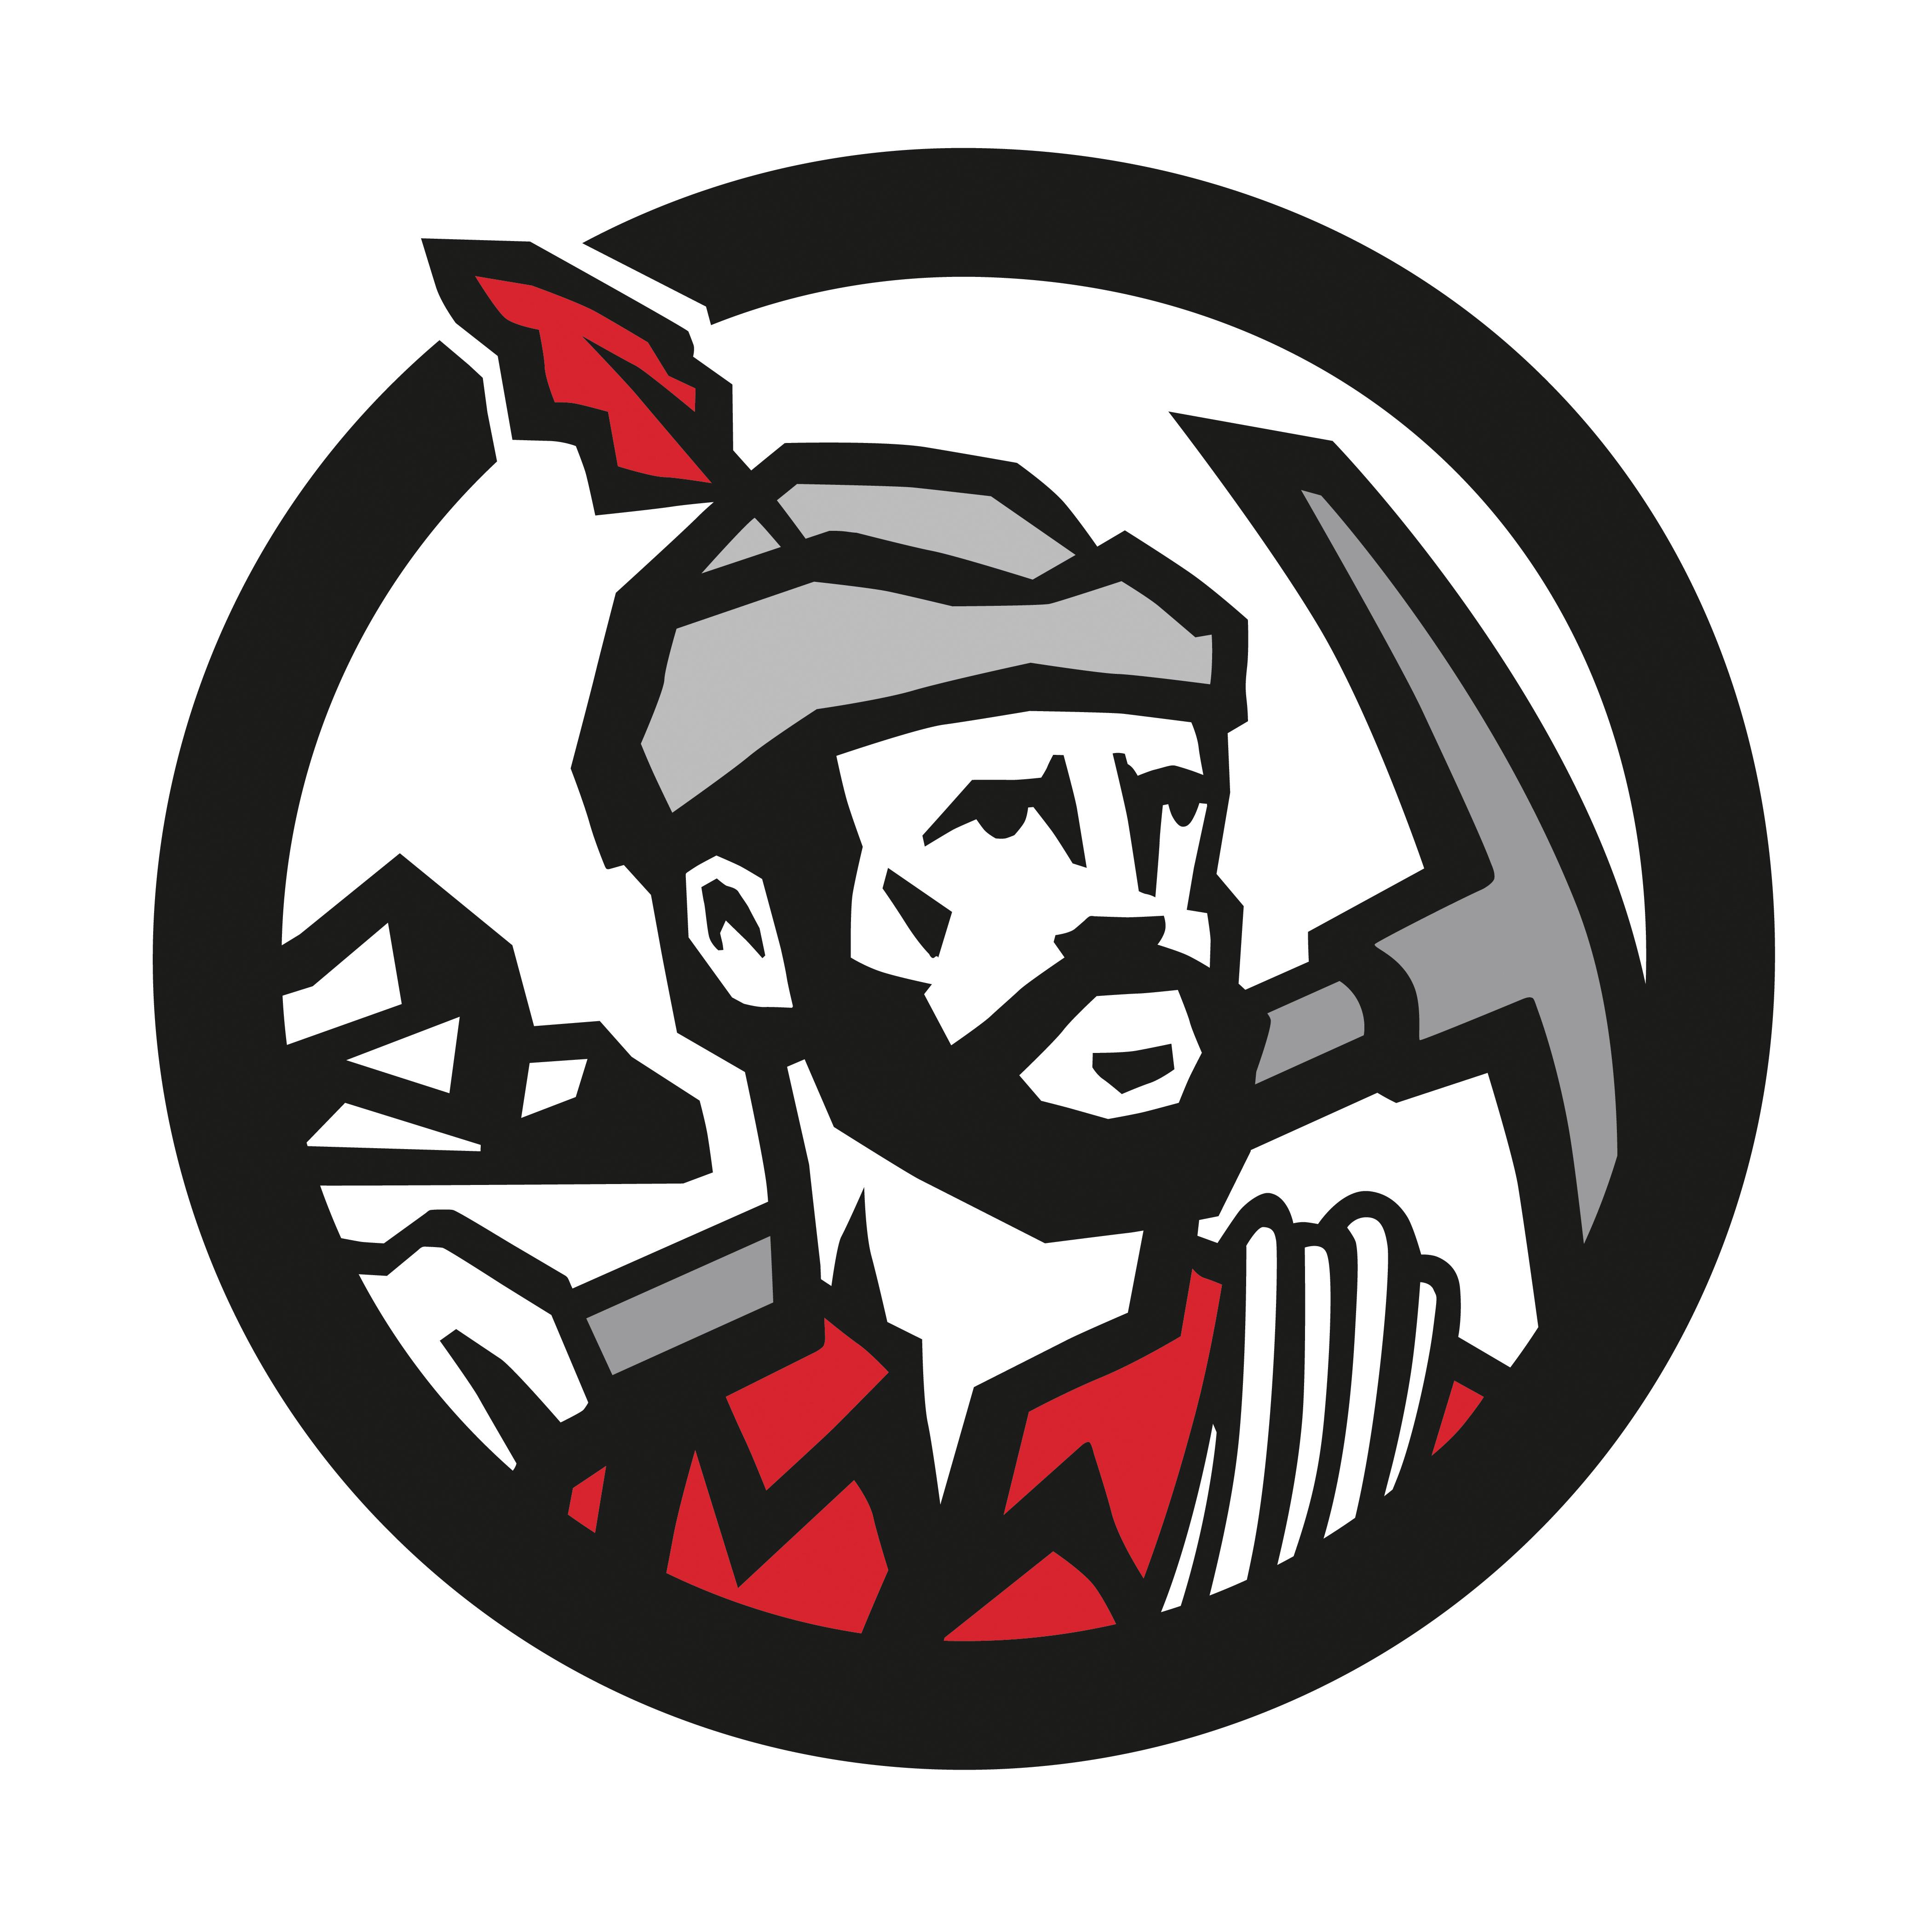 Hilltopper logo